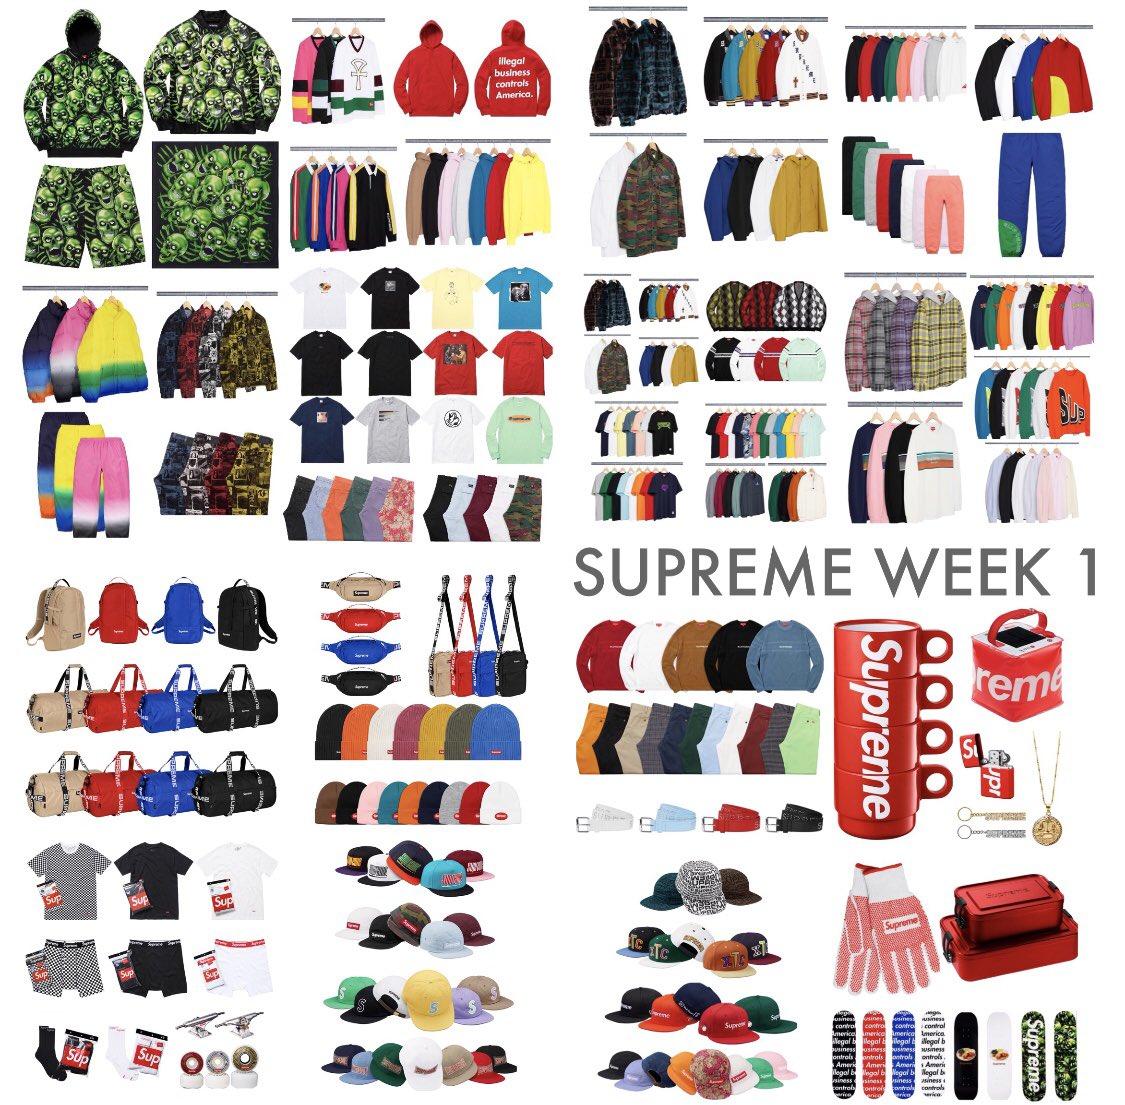 Supreme Week 1